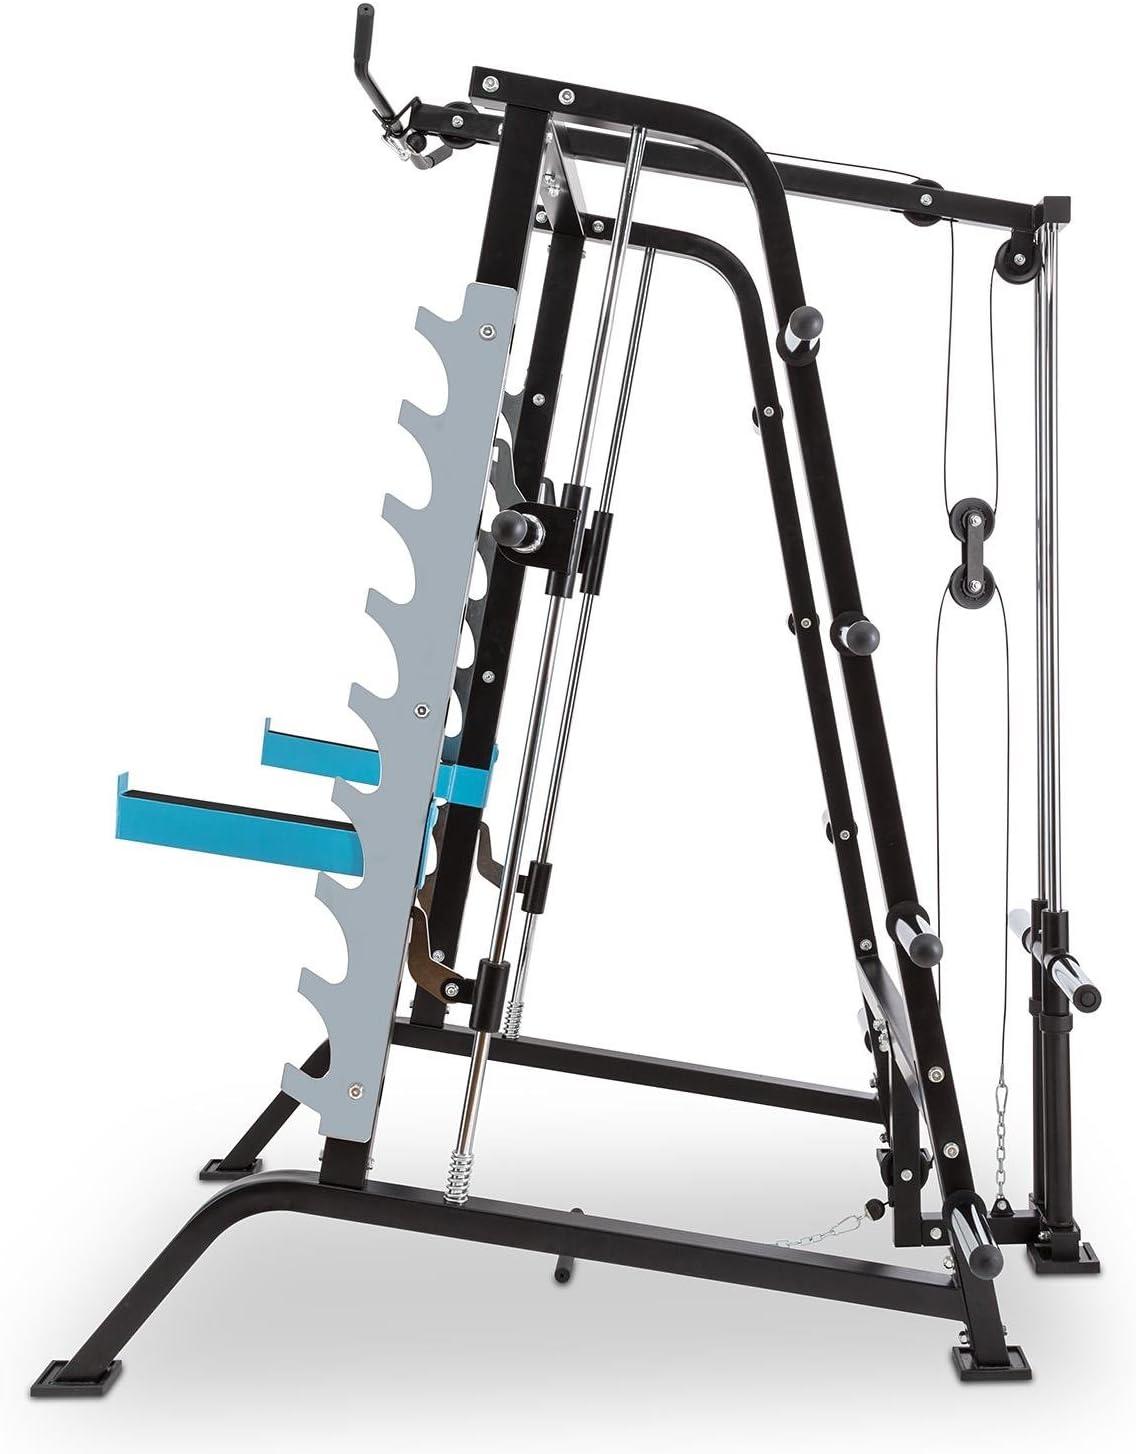 Multi-Kraftstation Latzugmaschine Squat Power Rack blau-schwarz Kraftstation 2 x Safety Spotter Gewicht-Ablage 9 H/öhenstufen gef/ührte Langhantelstange Capital Sports Squatster